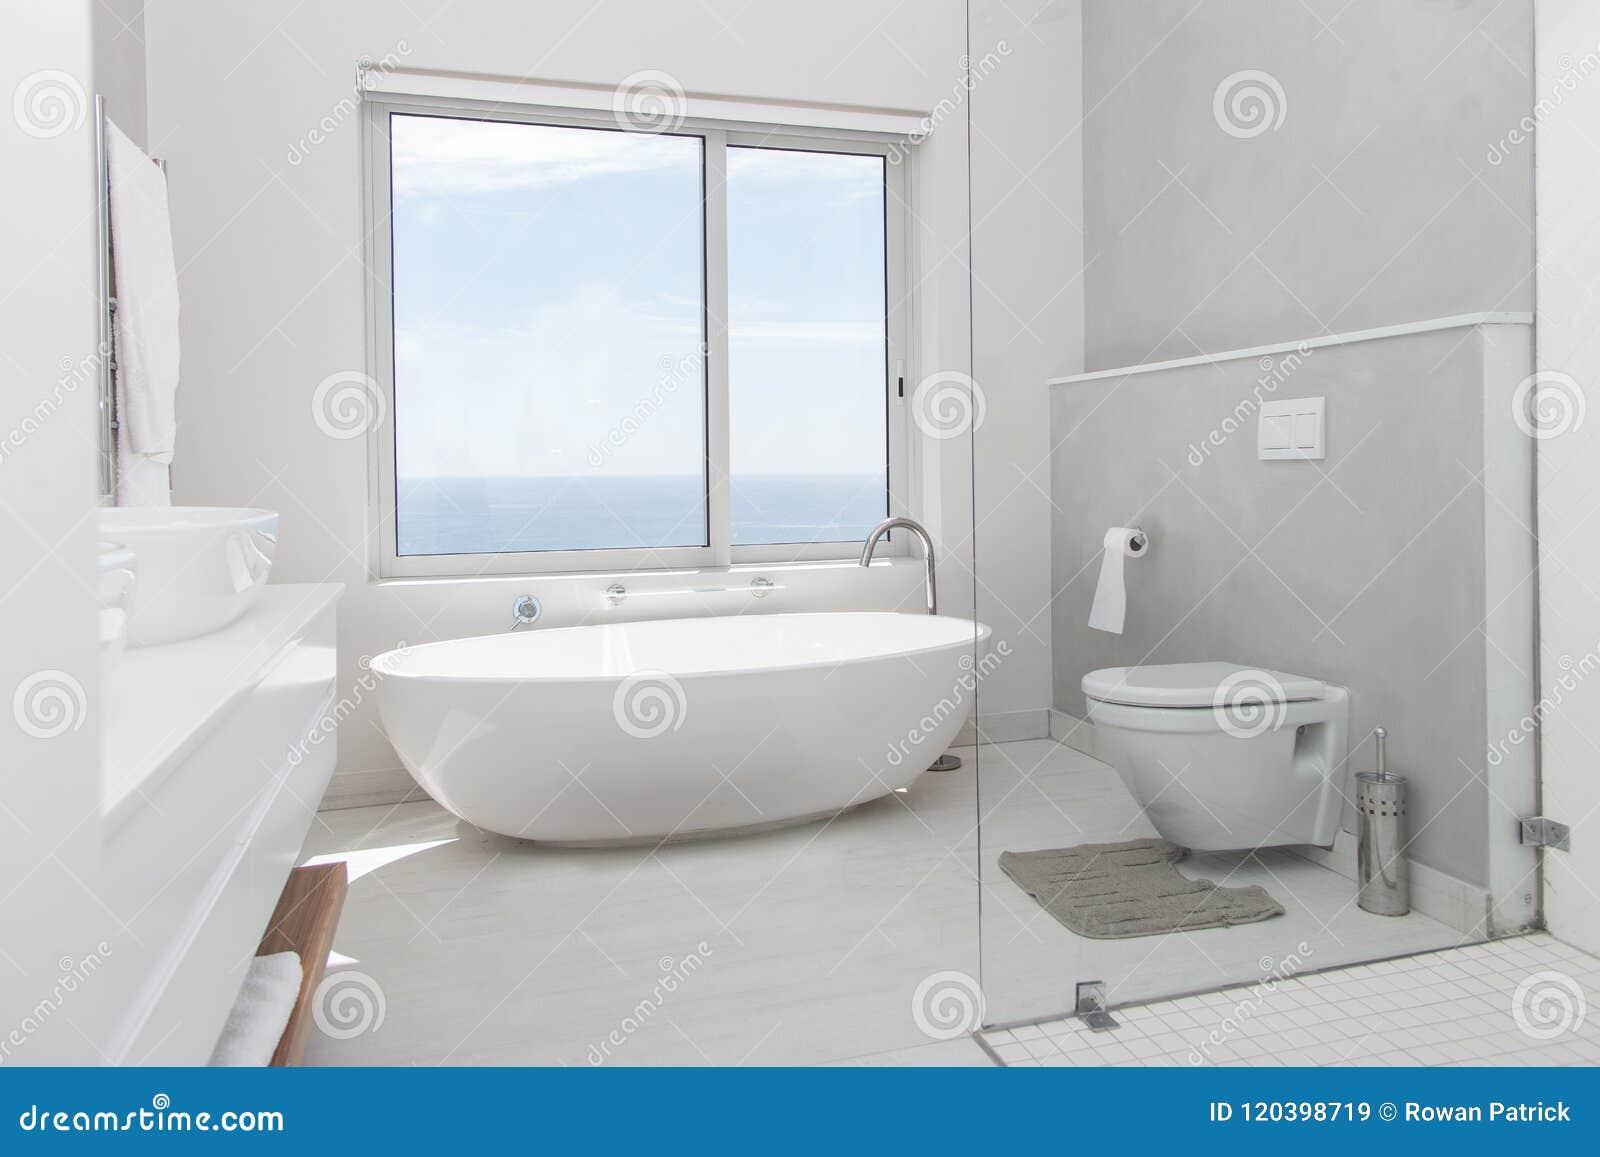 Blanc Moderne De Salle De Bains Image stock - Image du ...